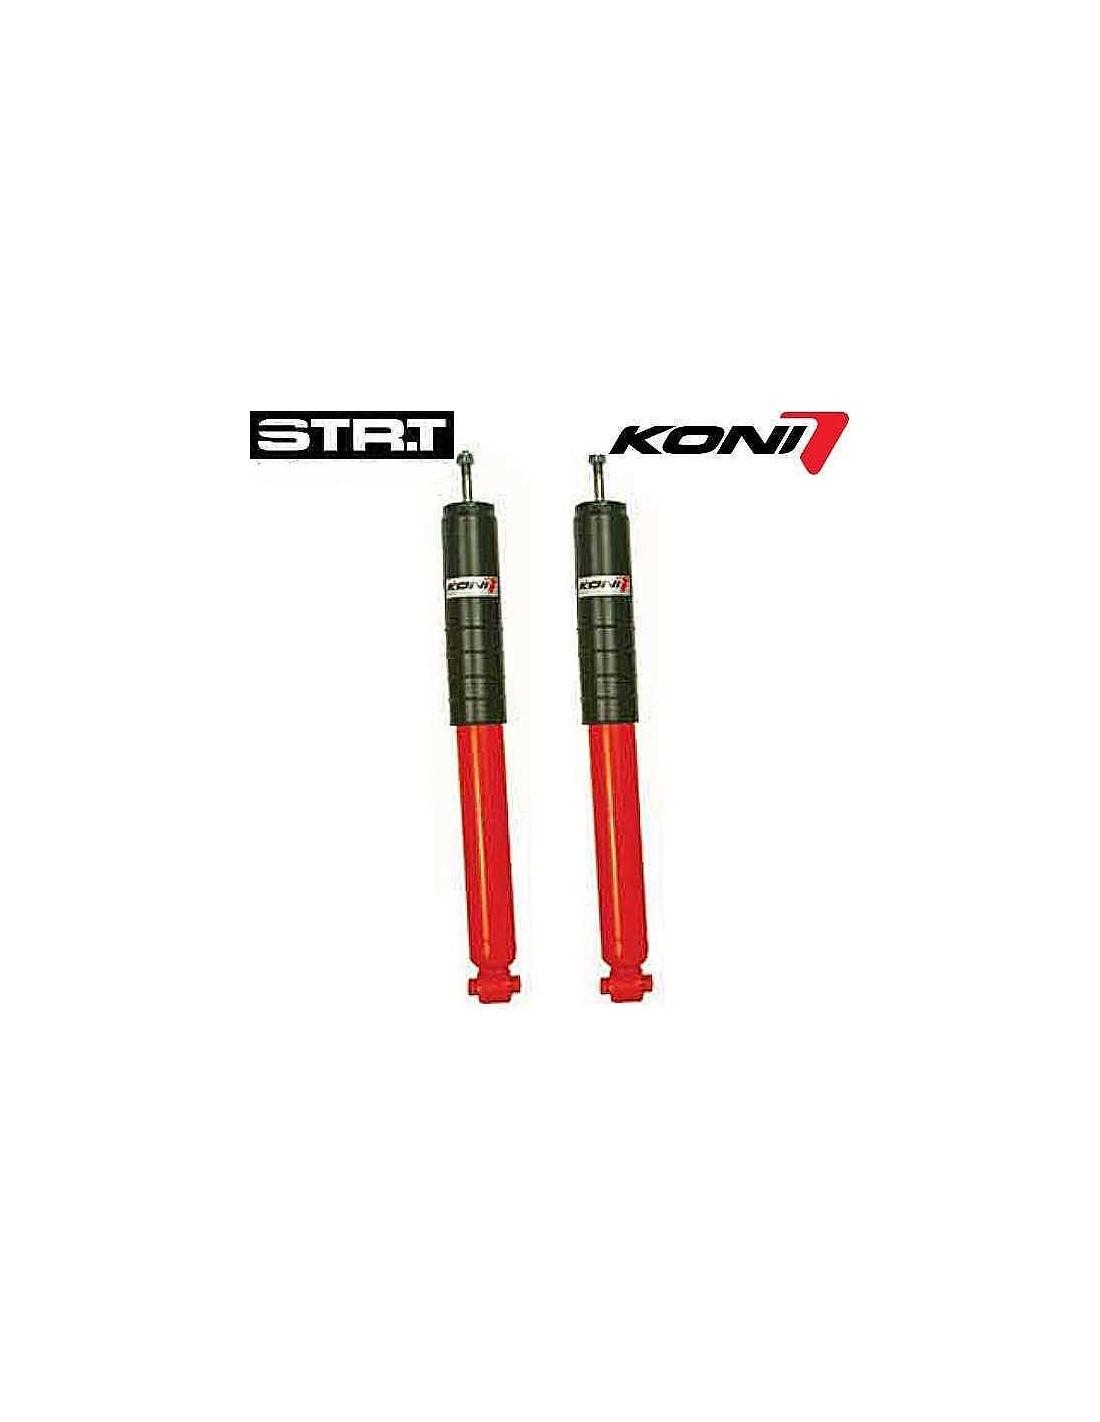 2 Amortisseurs Arrière KONI STR.T pour Mazda MX-5